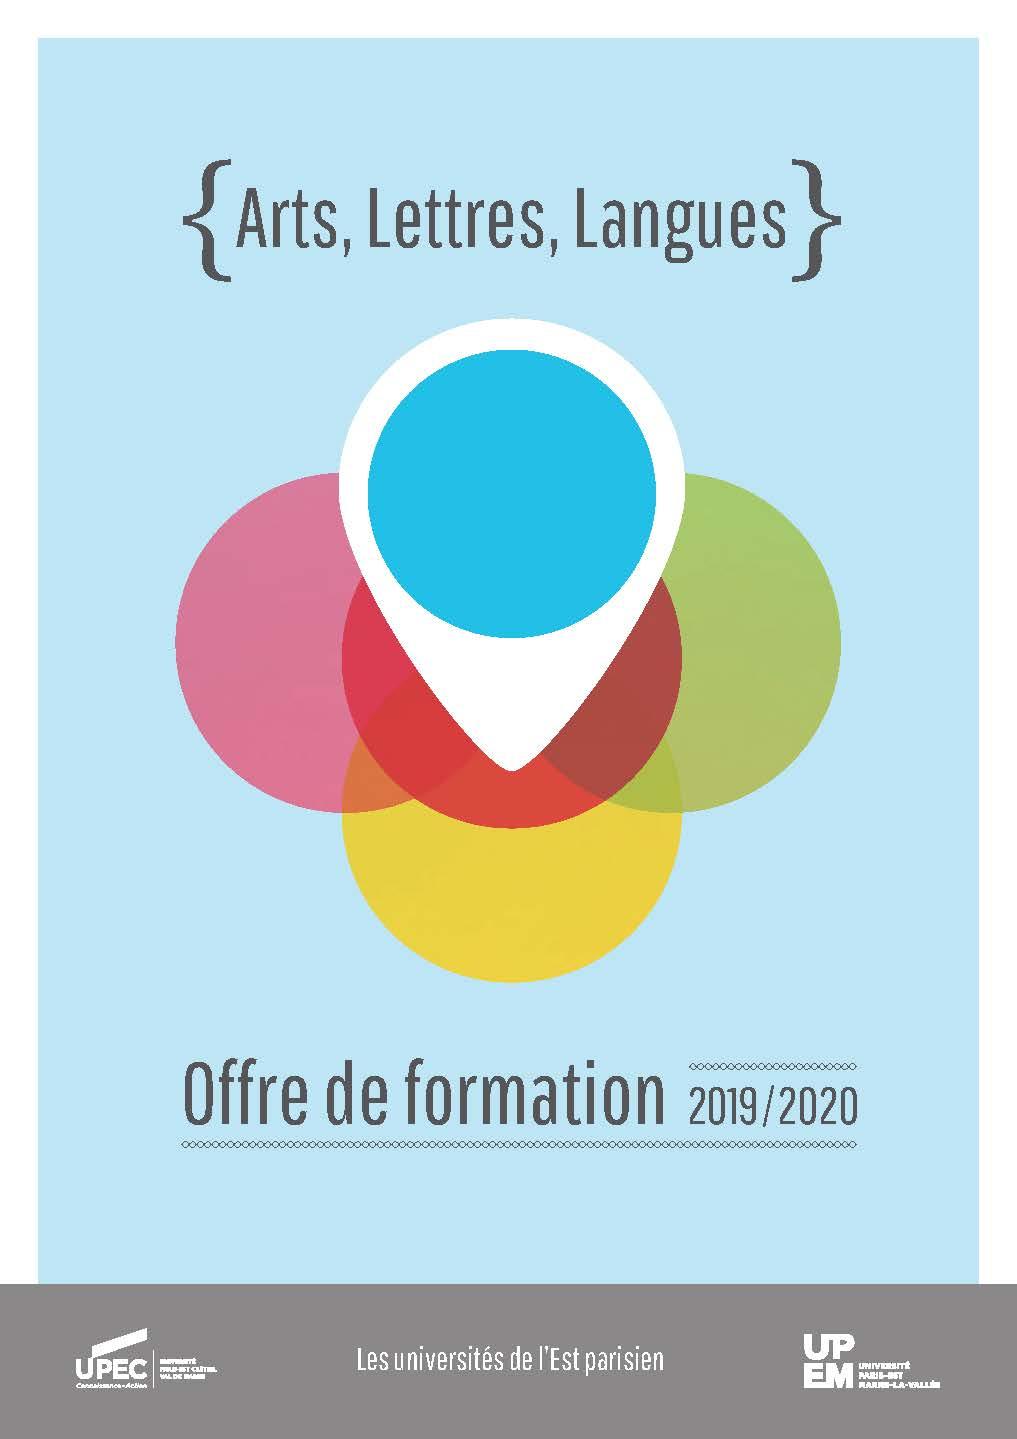 Plaquette offre de formation UPEC-UPEM arts lettres langues